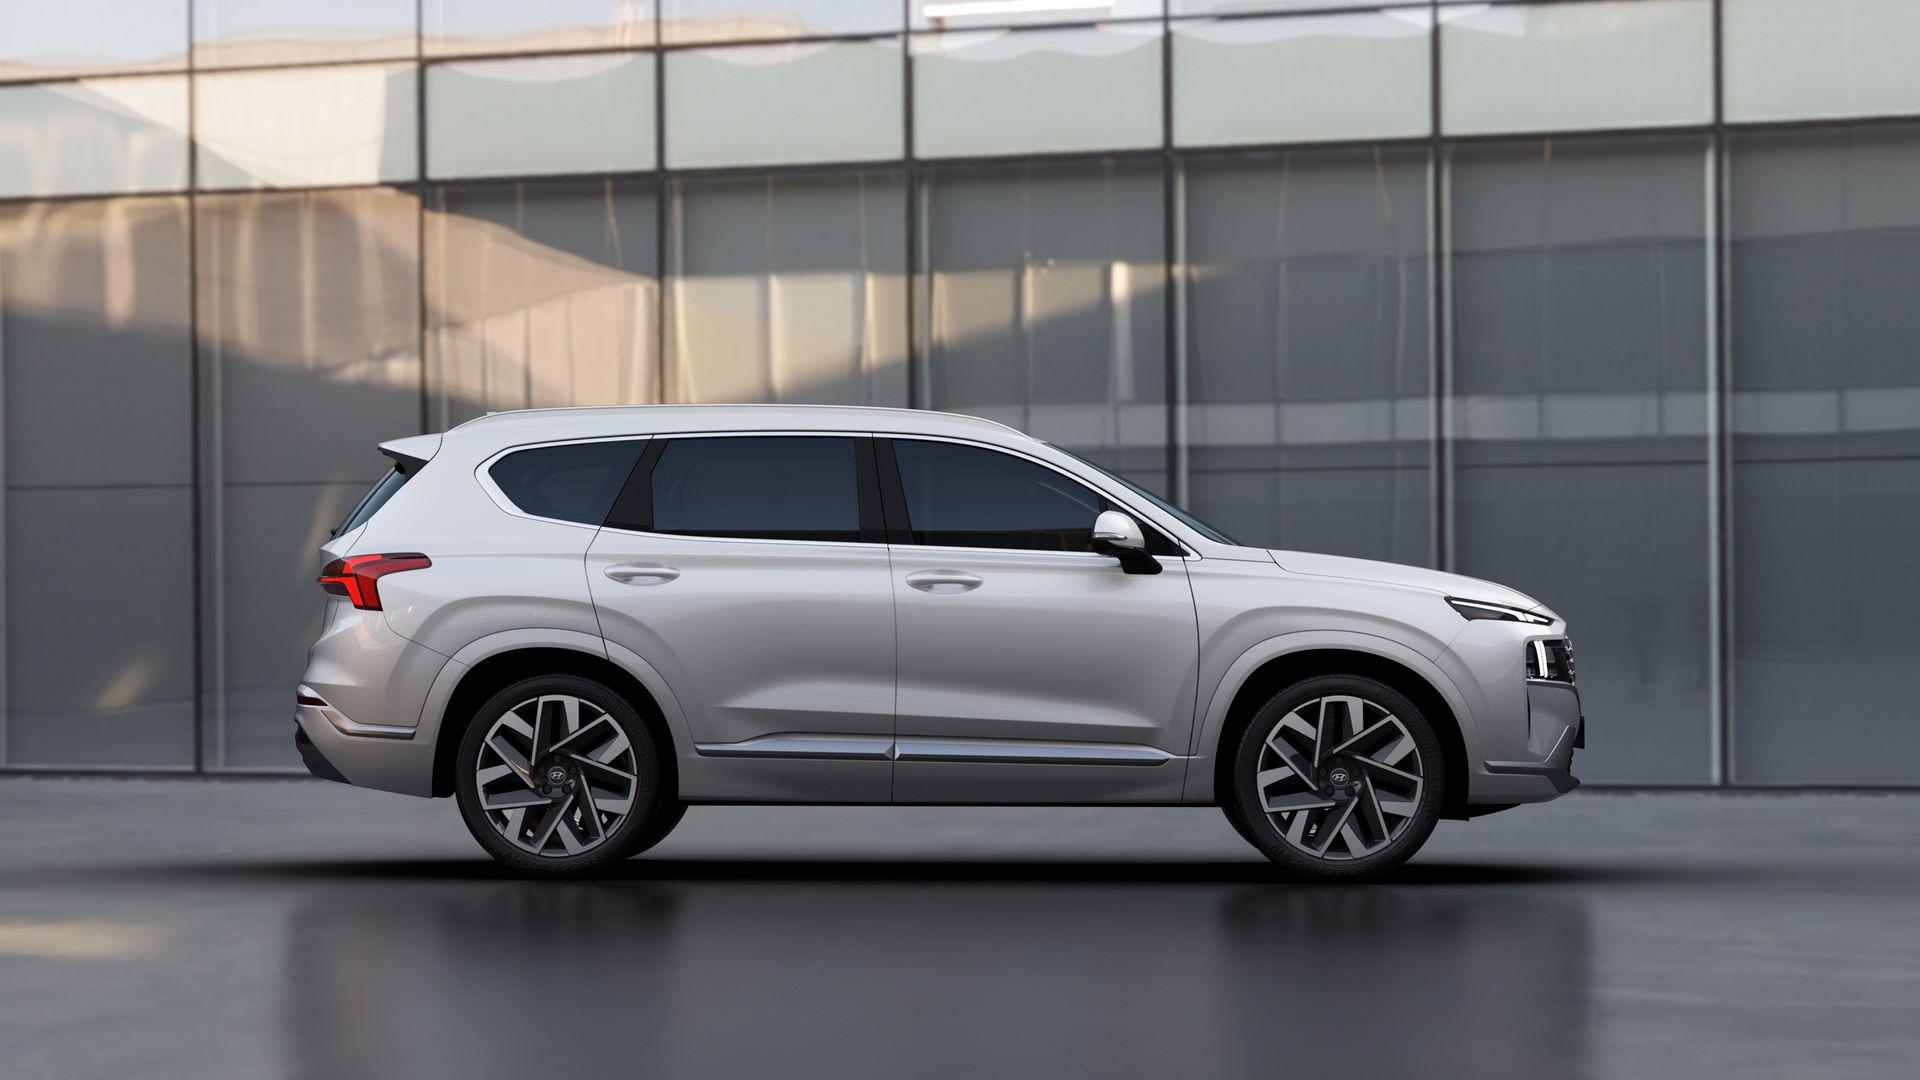 Hyundai-Santa-Fe-2020-5